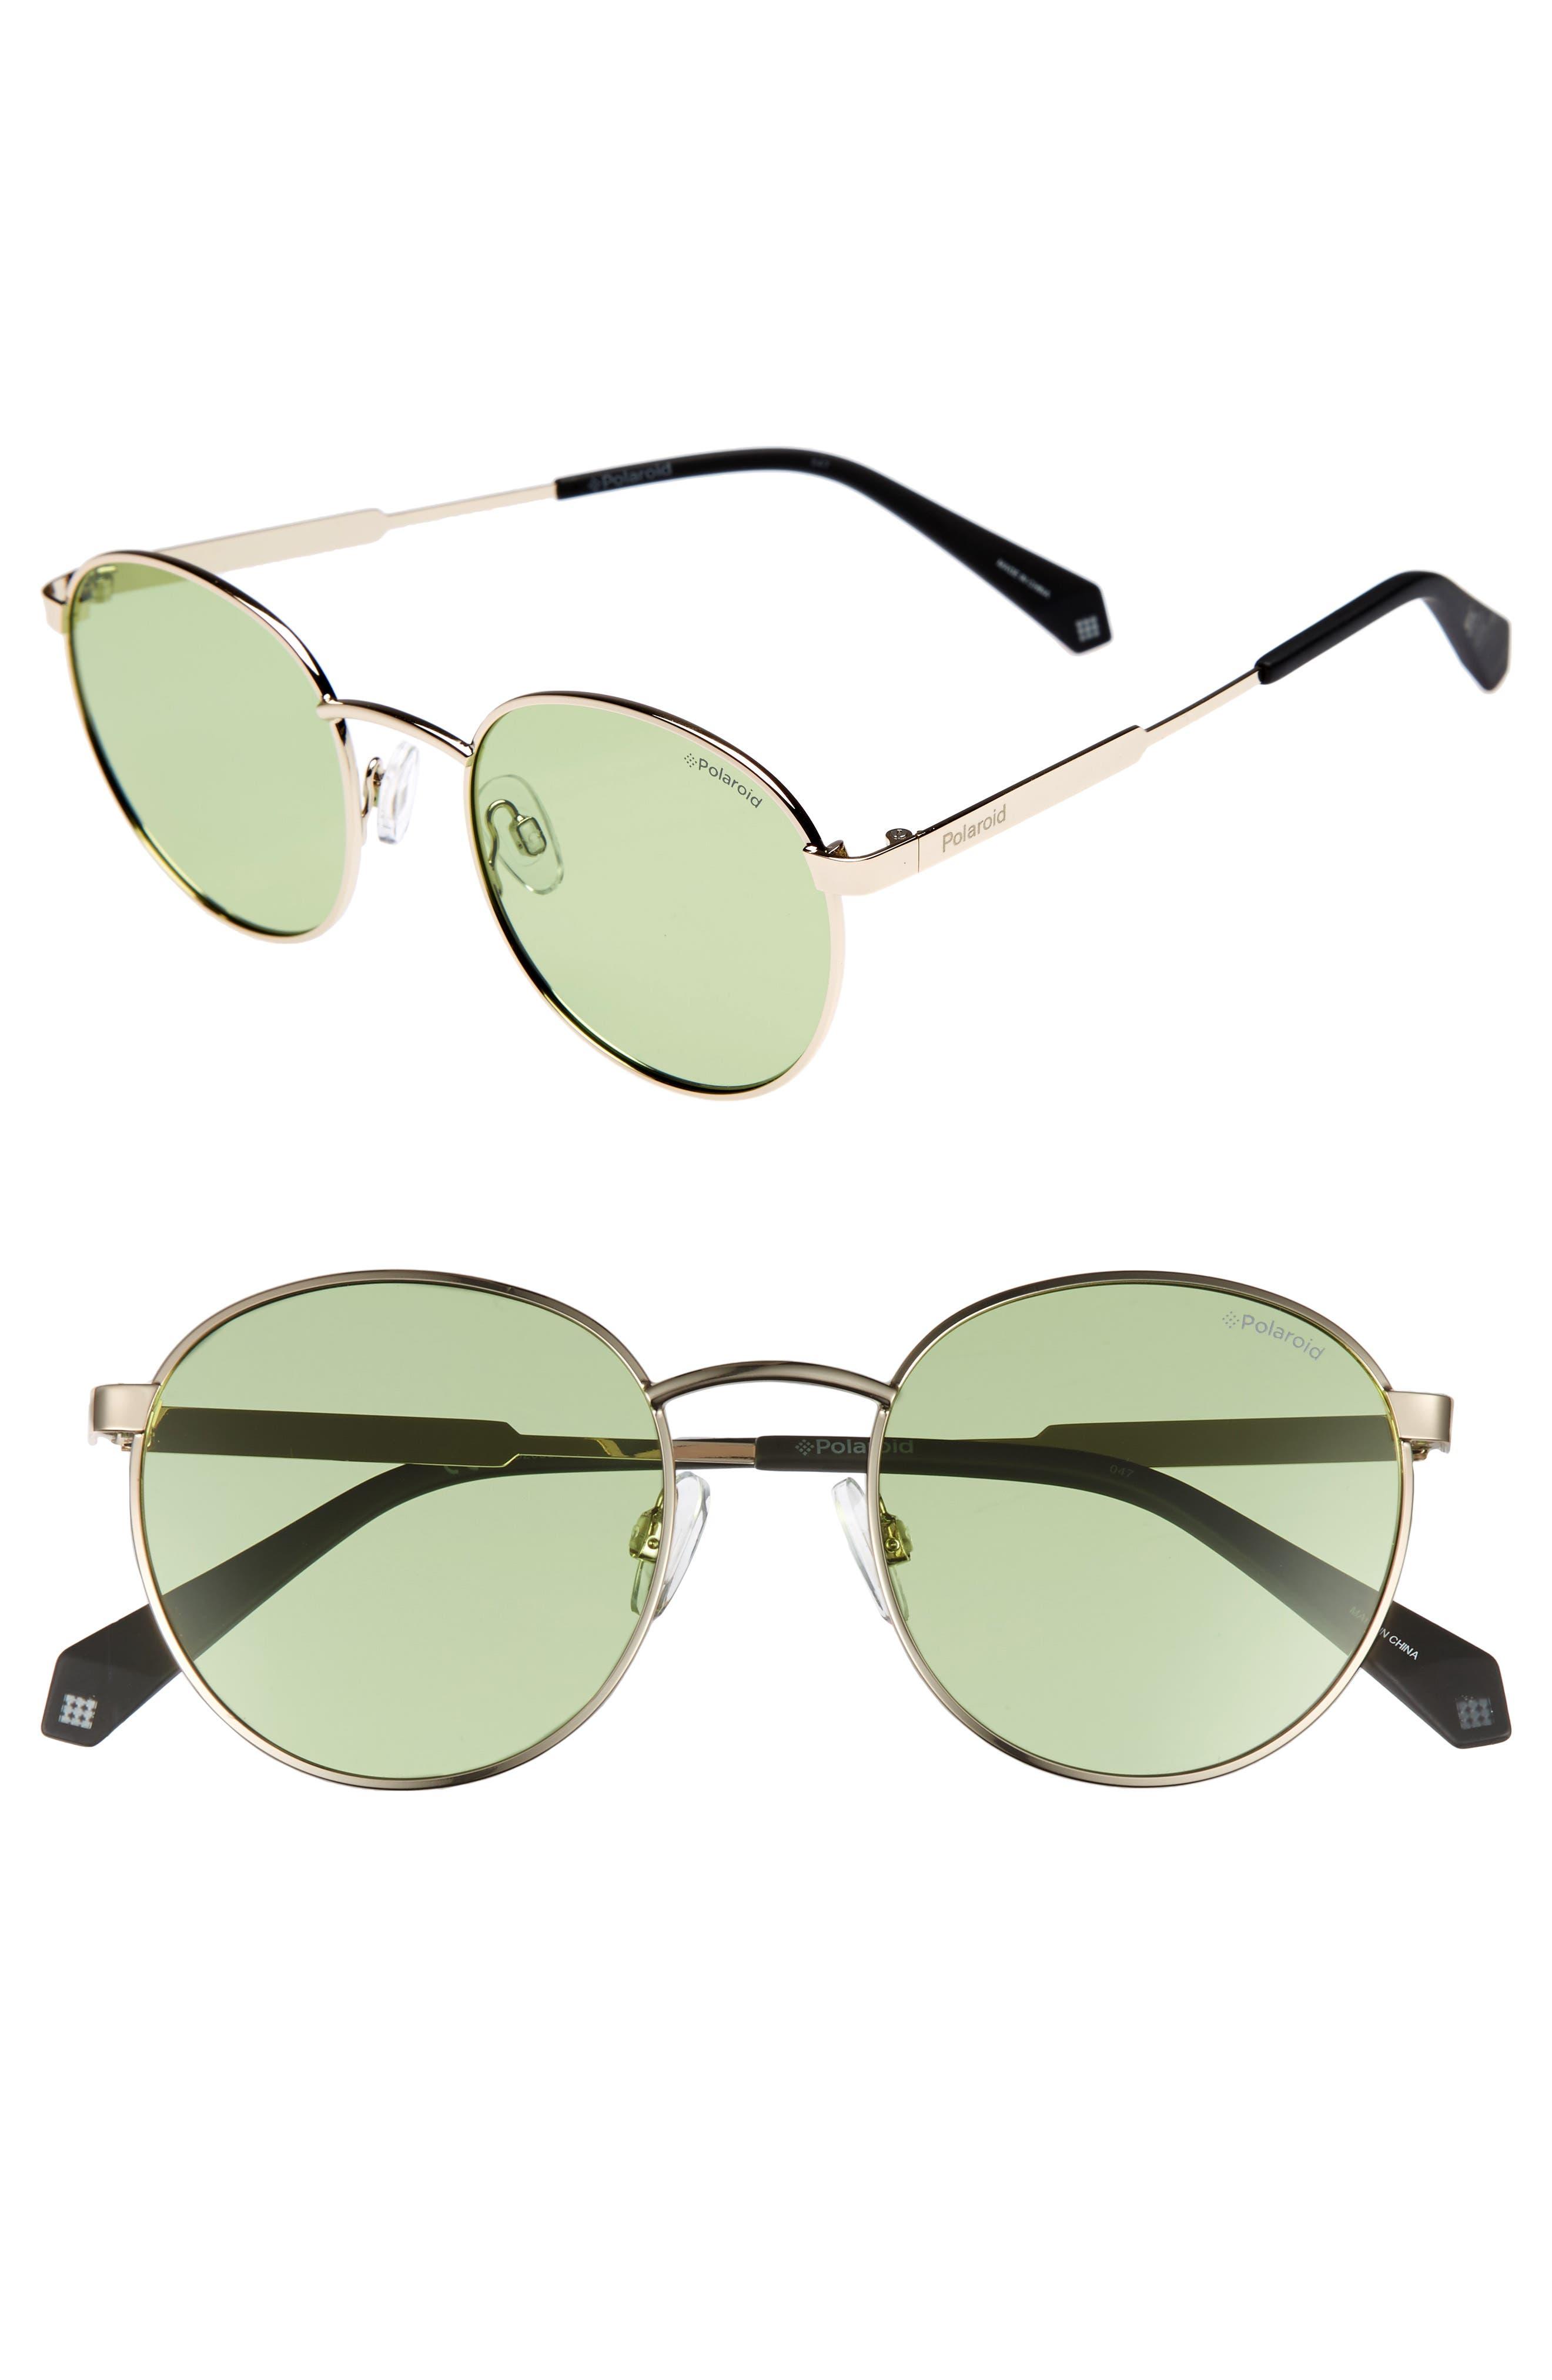 51mm Round Retro Polarized Sunglasses,                         Main,                         color, 300